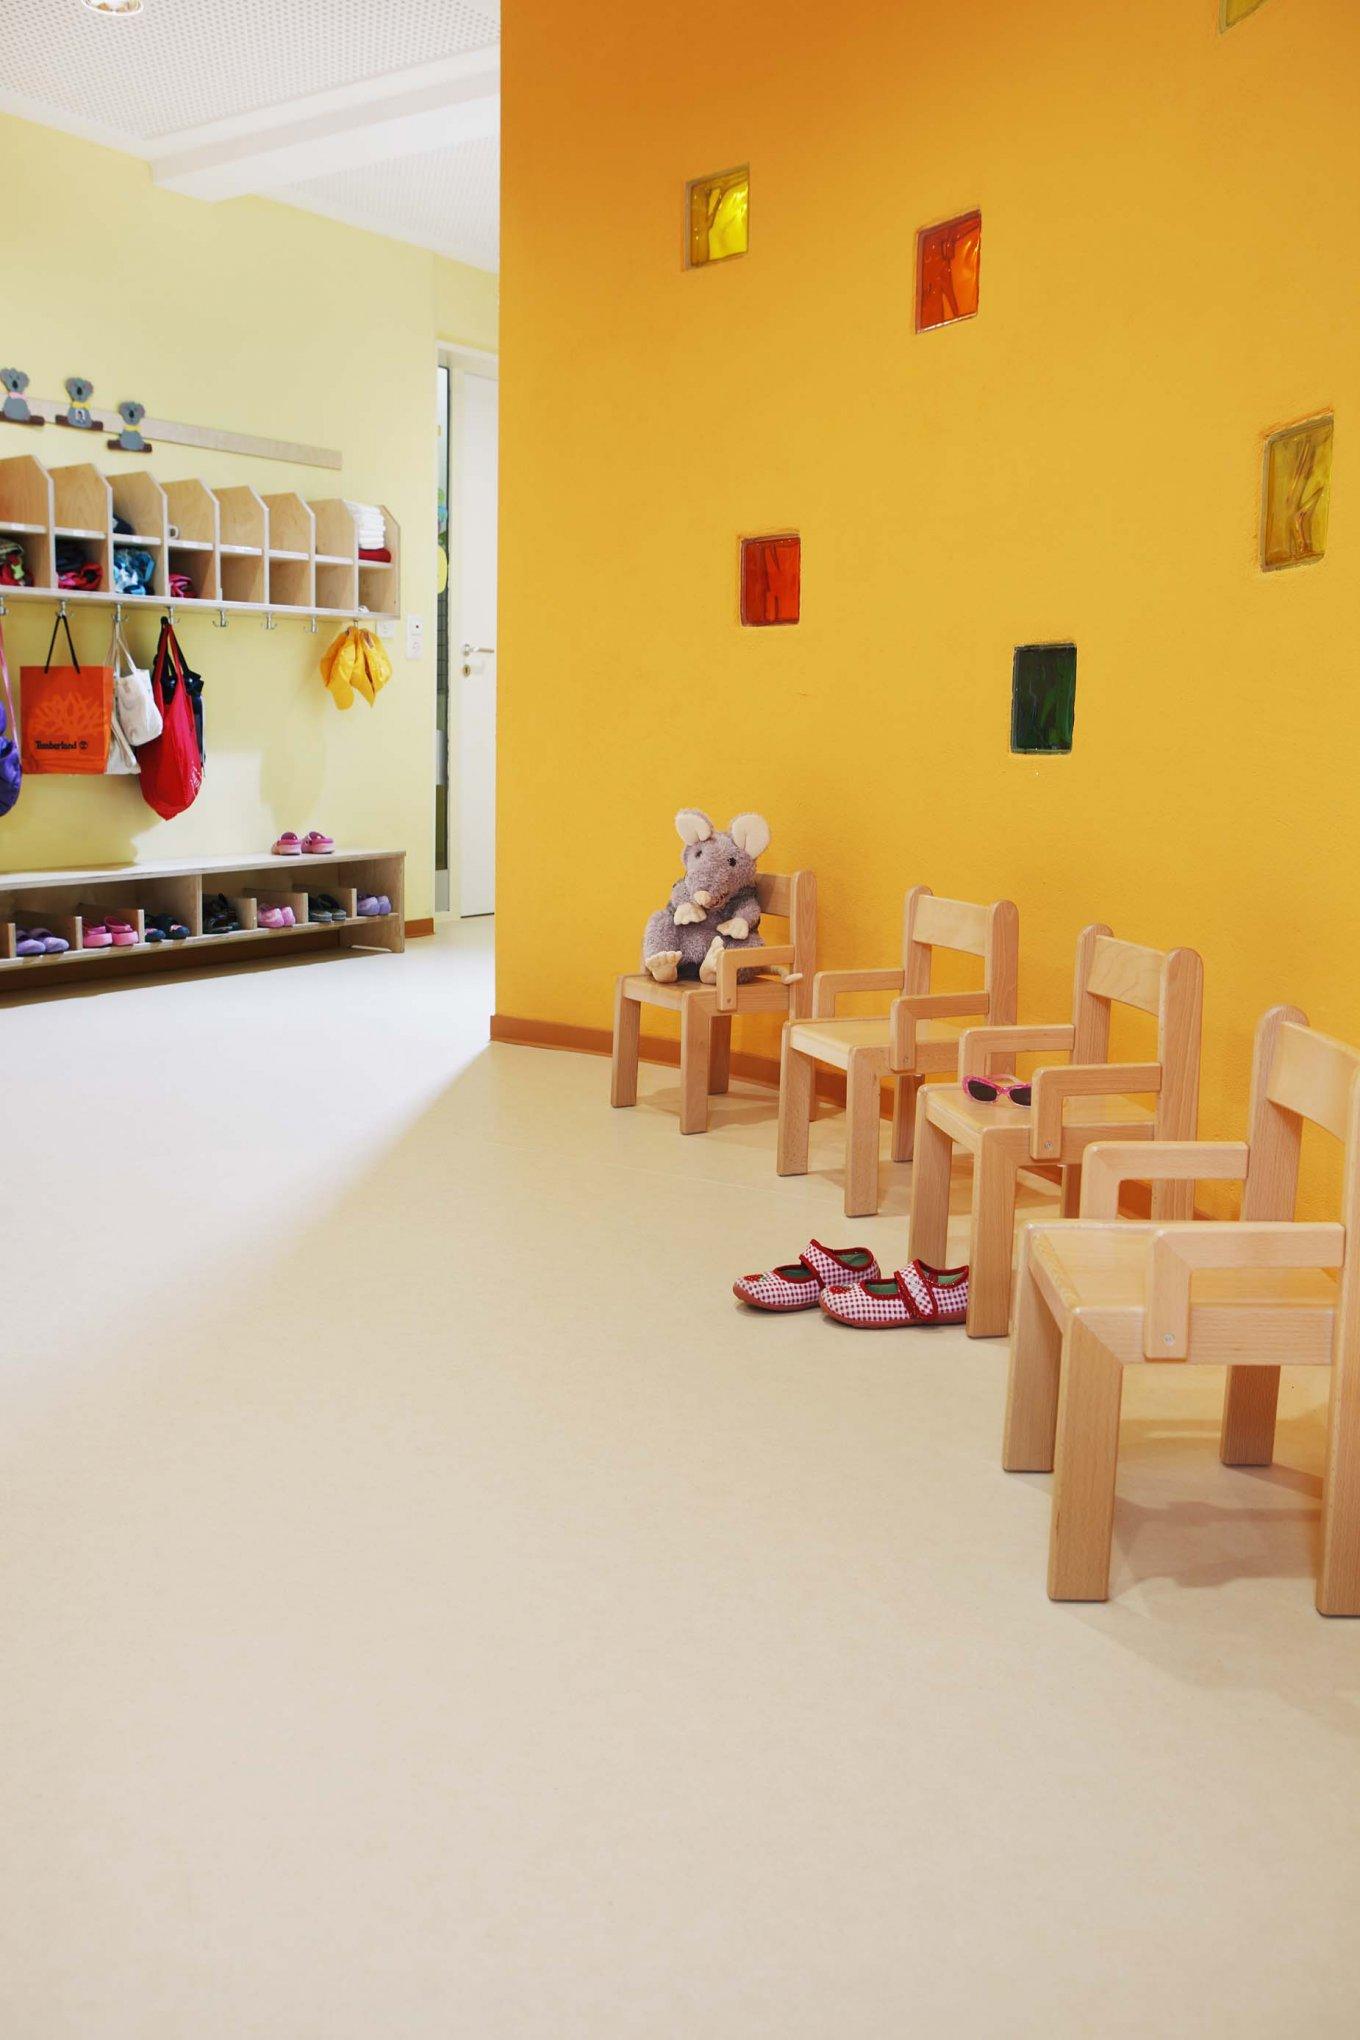 PURLINE Bioboden Sinai Sand in KiTa Kindergarten Eingangsbereich Stühle Rollenware Orange